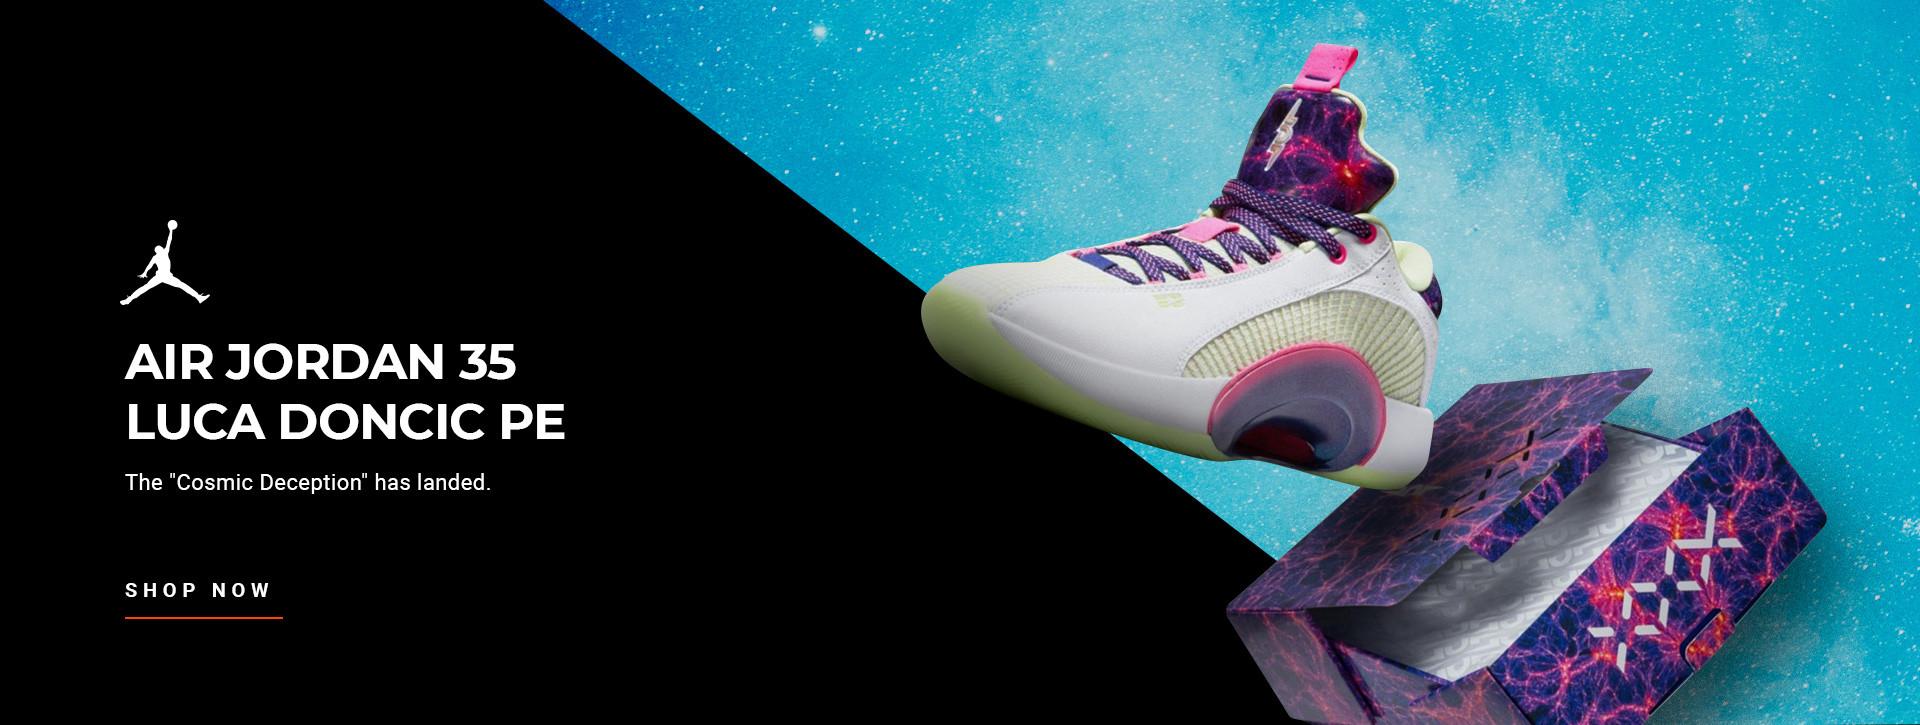 Air Jordan 35 Luce Doncic PE